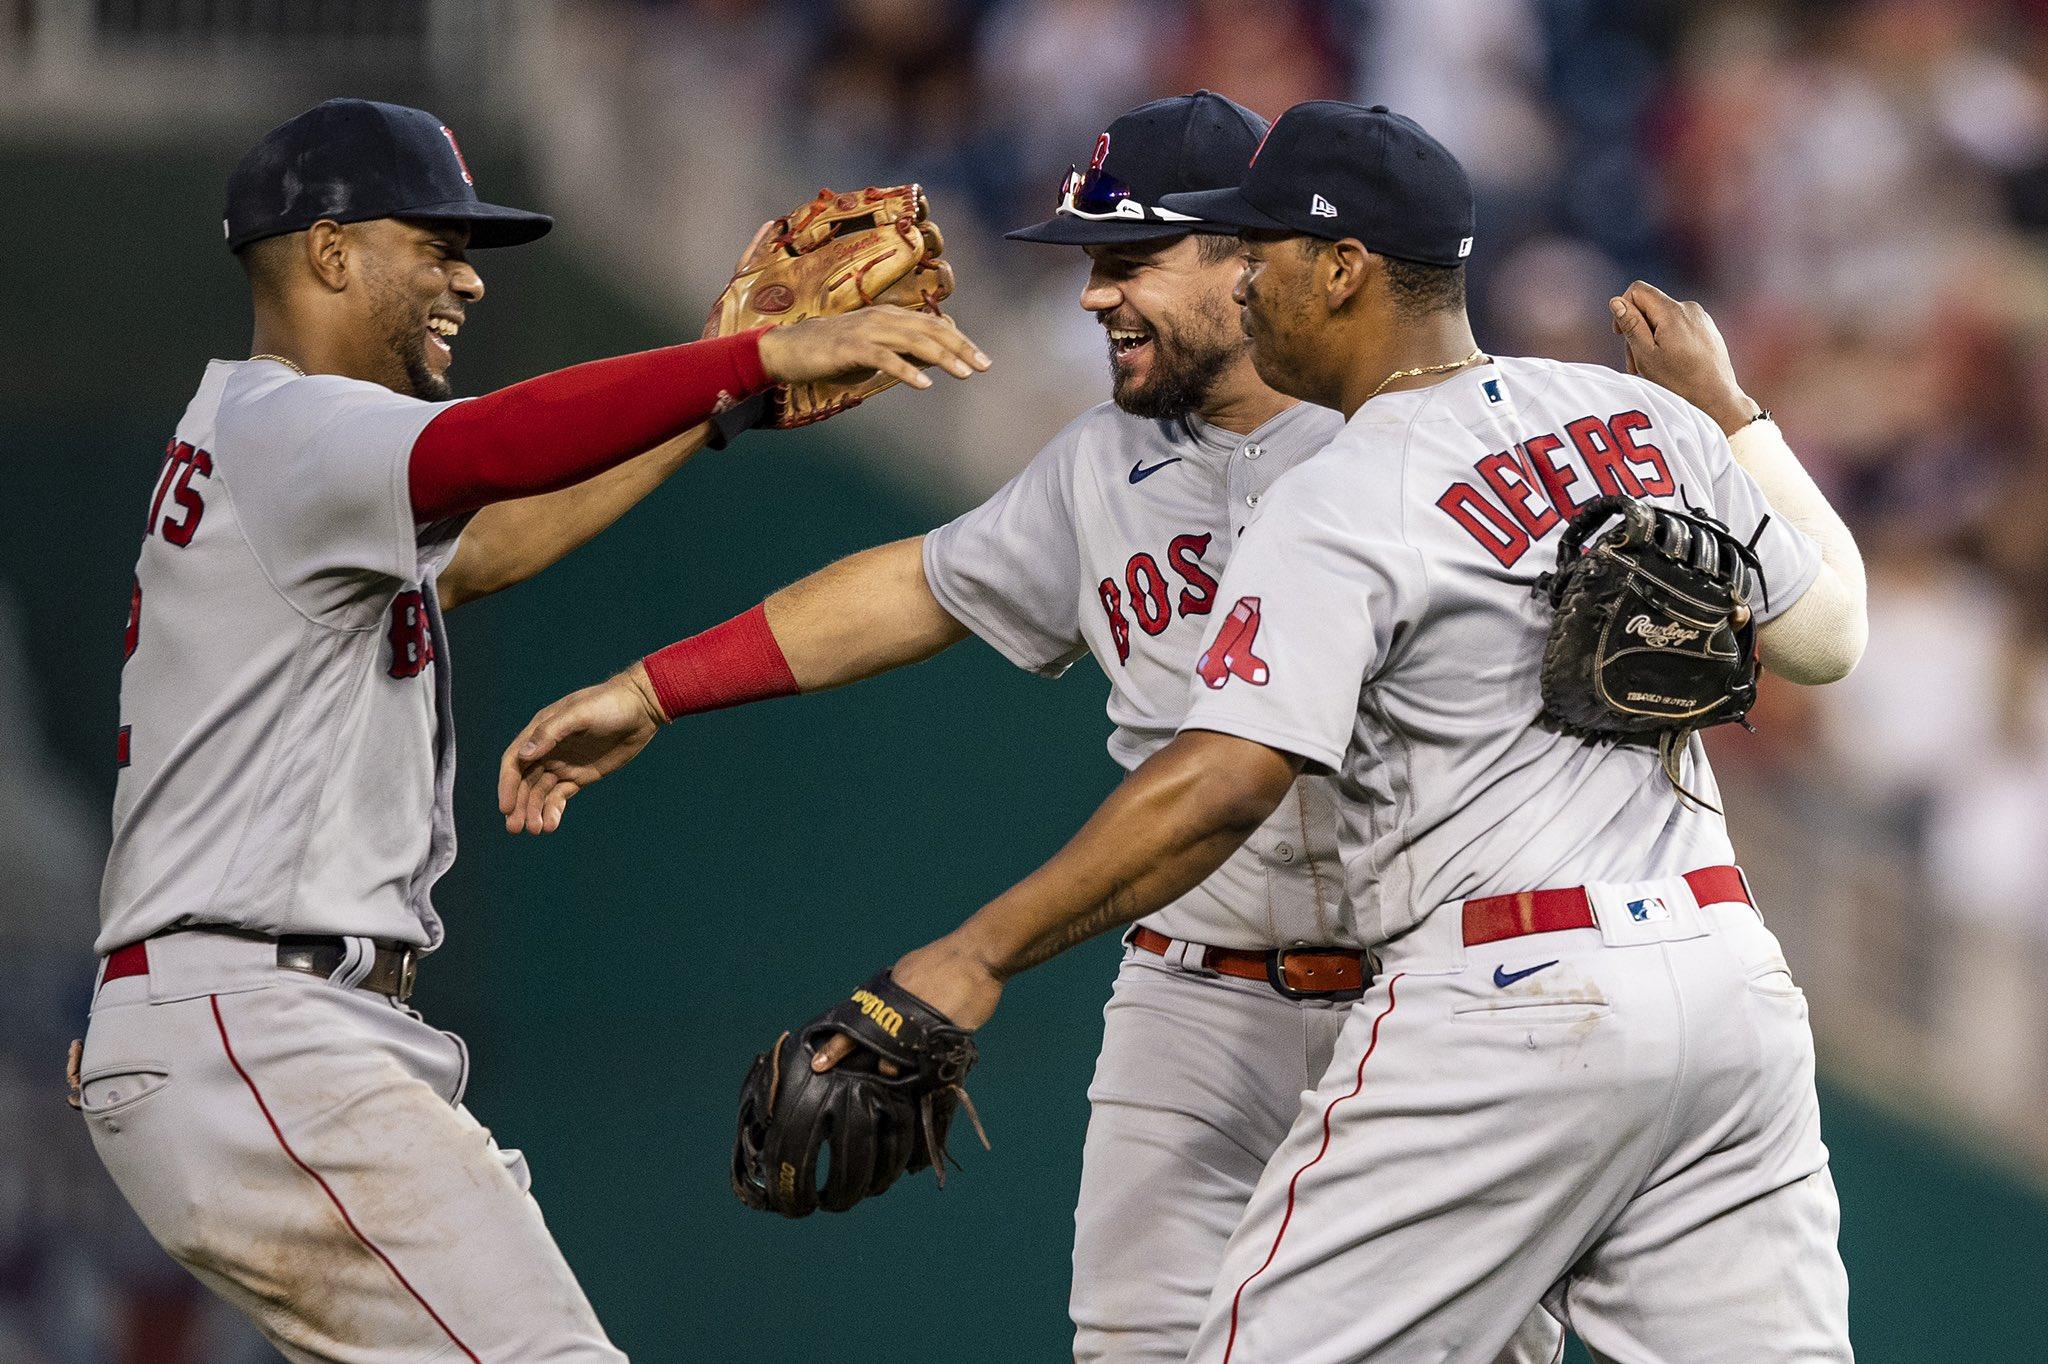 Boston Red Sox x Washington Nationals como aconteceu - Resultado, destaques e reação